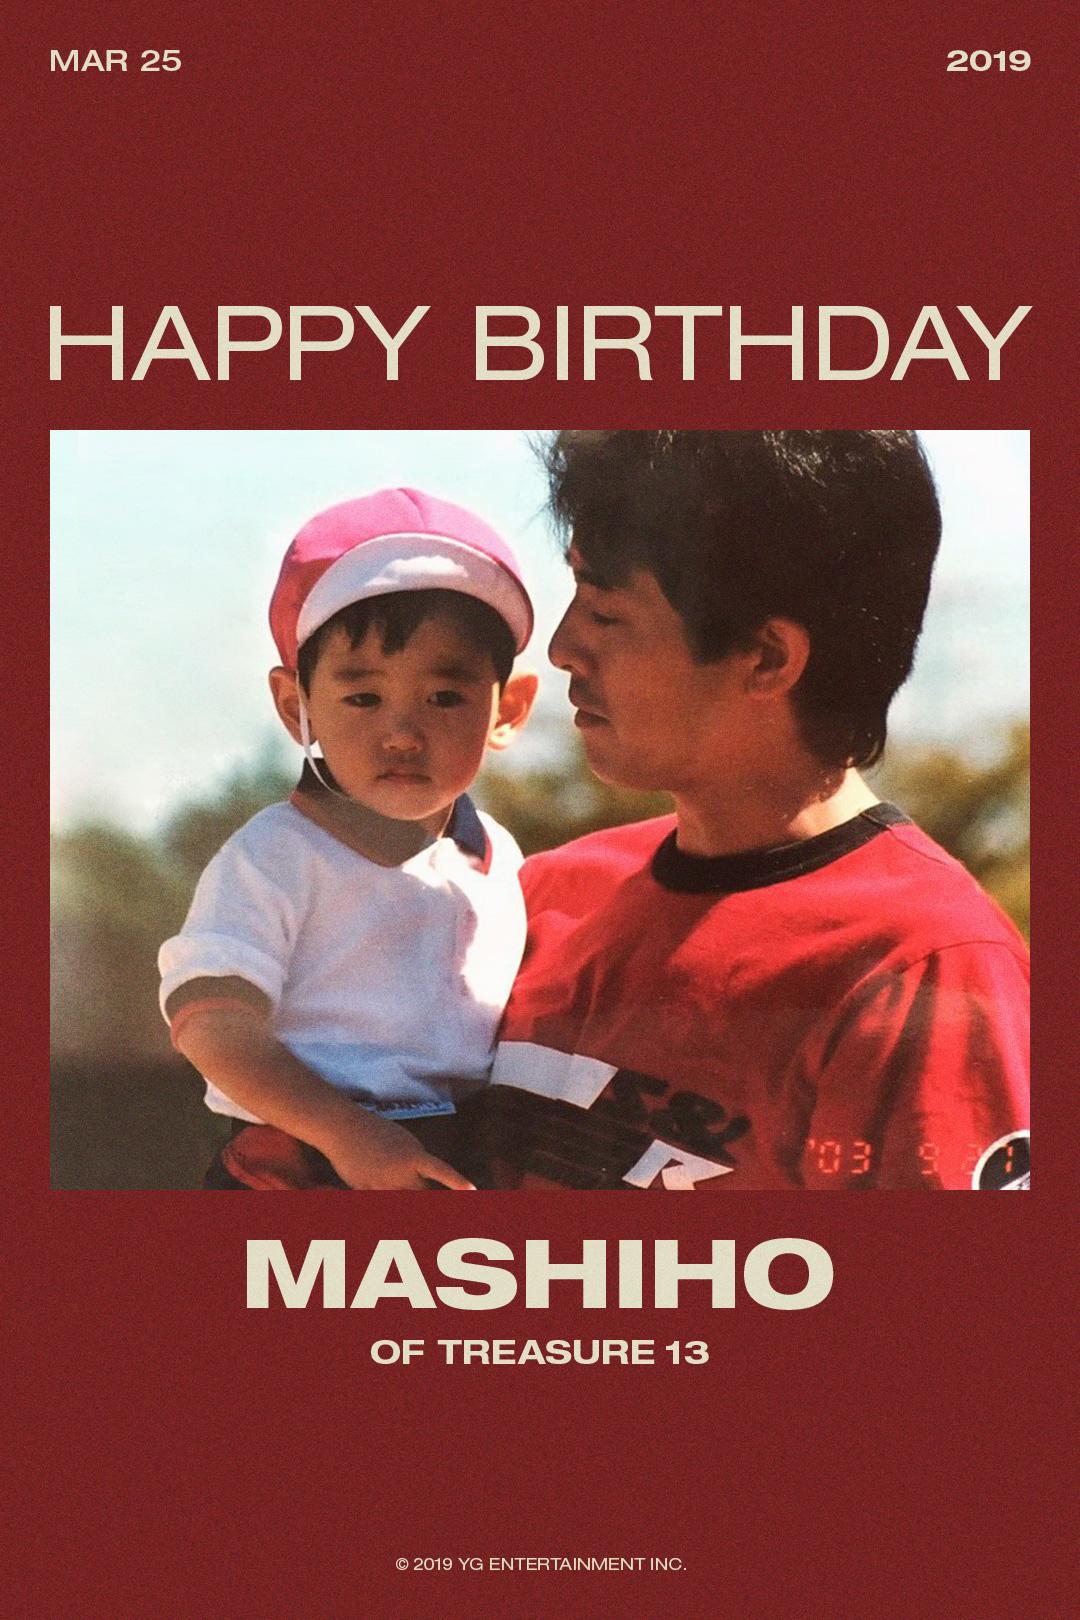 HBD-MASHIHO